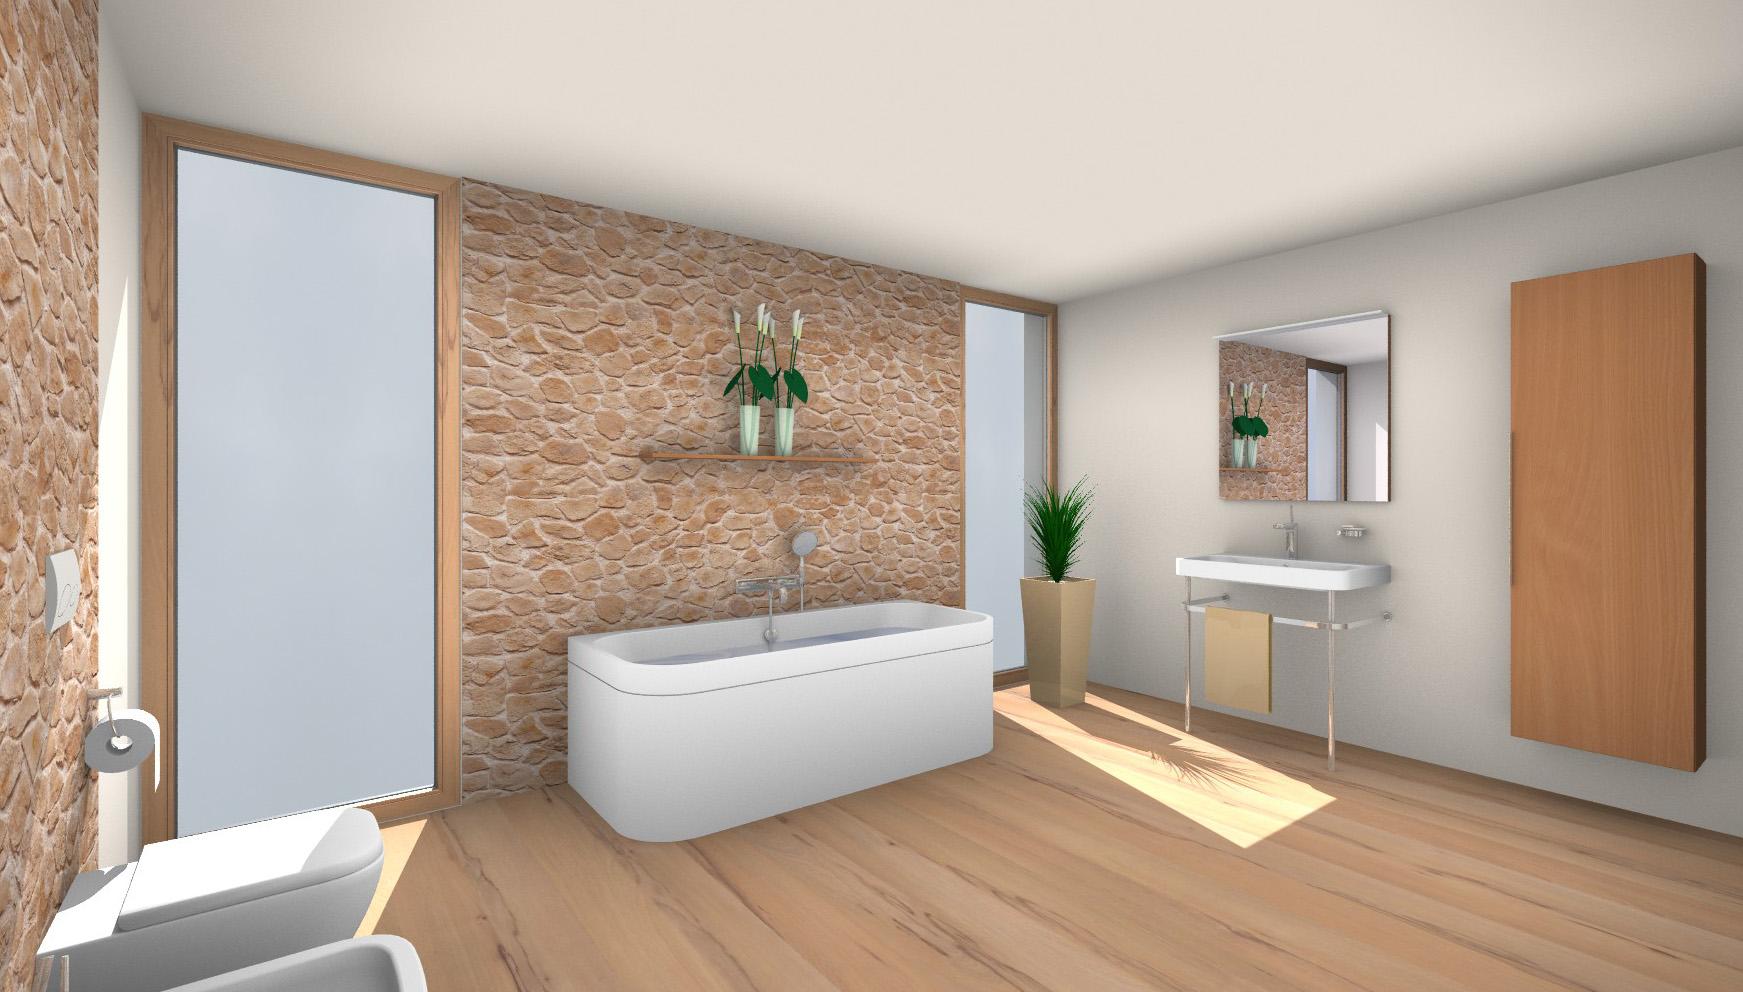 badplaner von duravit ♢ kostenfrei & online | duravit, Badezimmer ideen